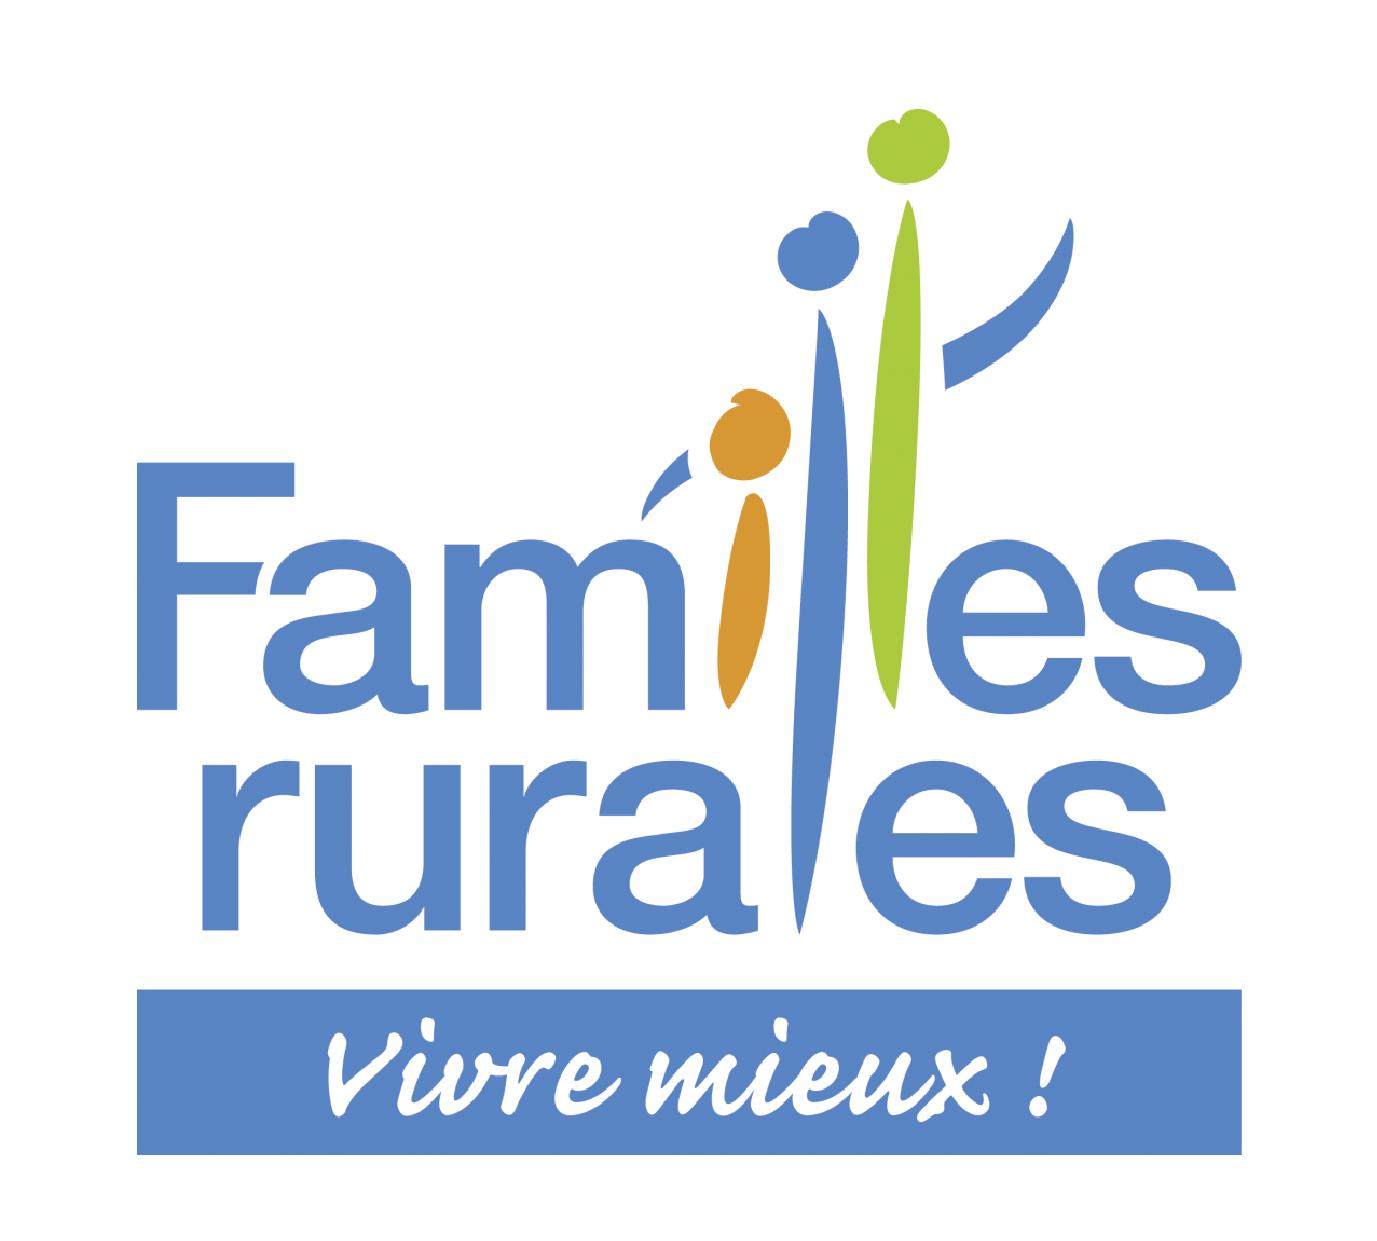 Familles Rurales à St Georges d'Espéranche - Familles Rurales est à l'origine du projet de crèche au sein du village, découvrez toutes ses missions.